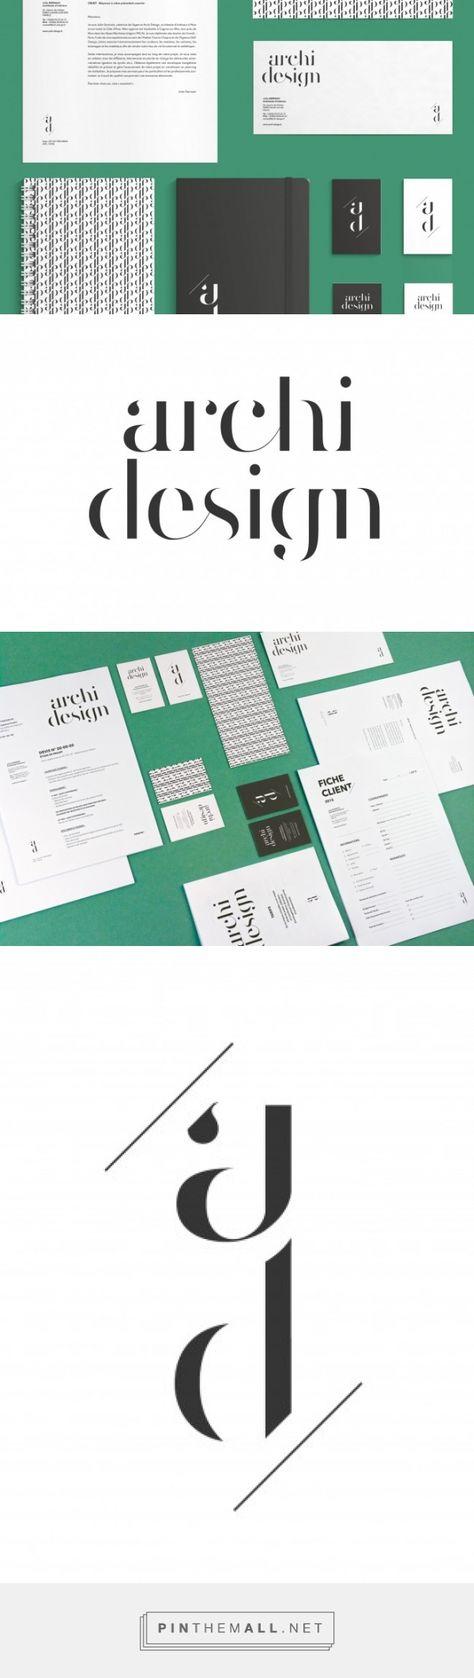 Identité visuelle d'Archi Design, architecte d'intérieur